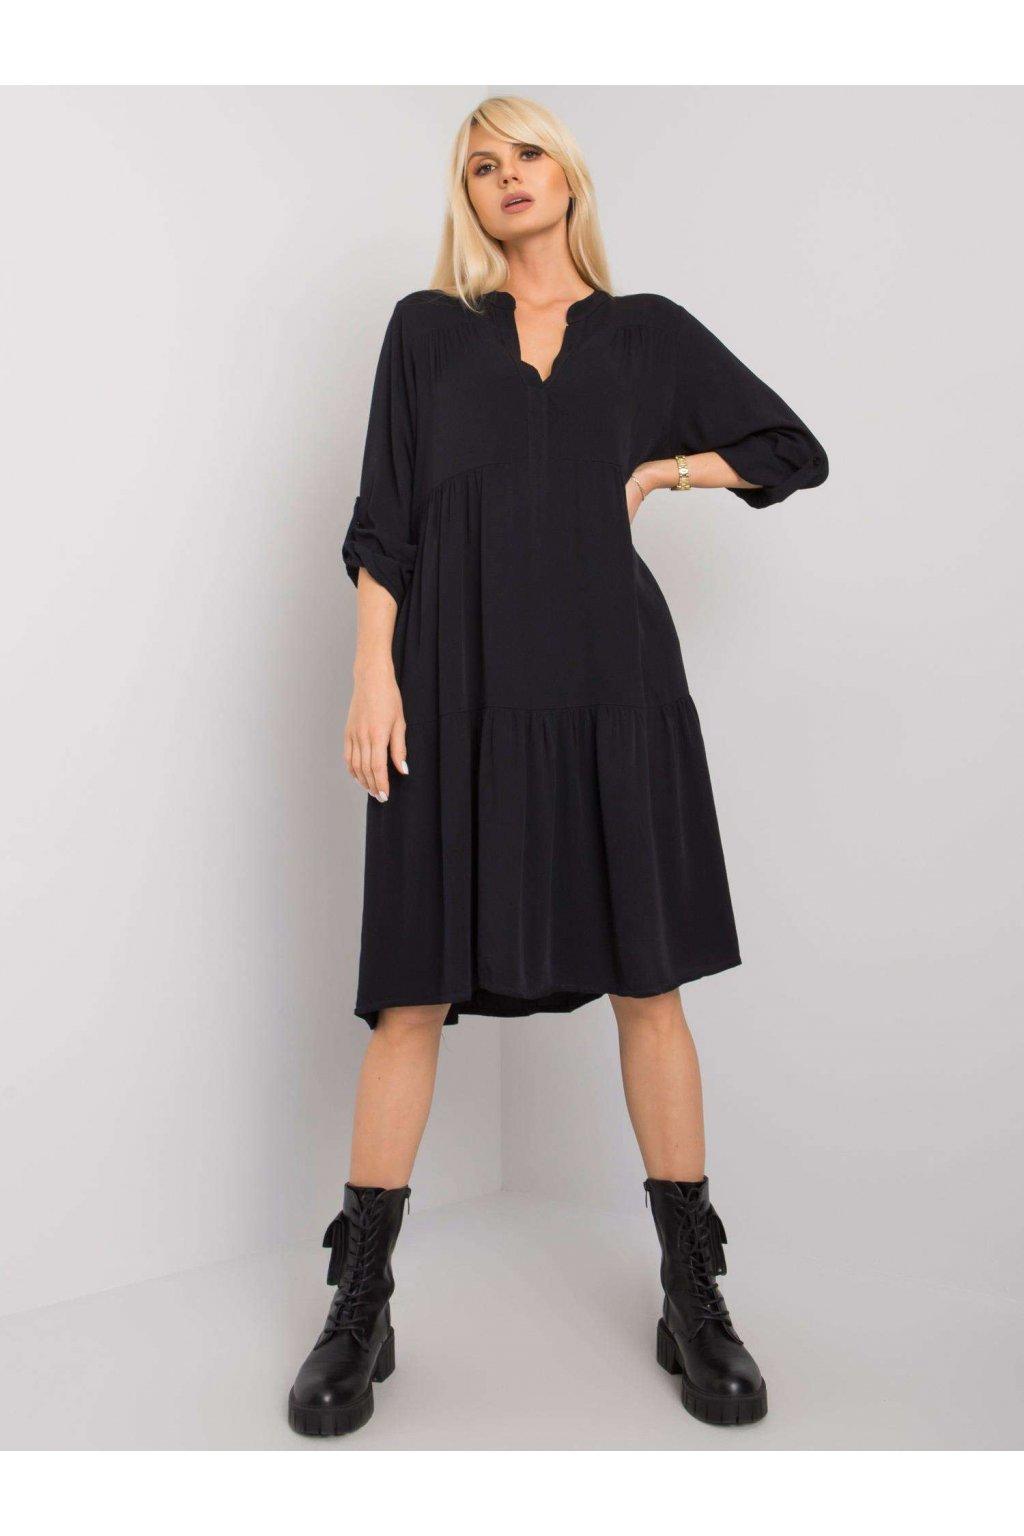 Čierne voľné šaty kód TW-SK-BI-5S1282.21X